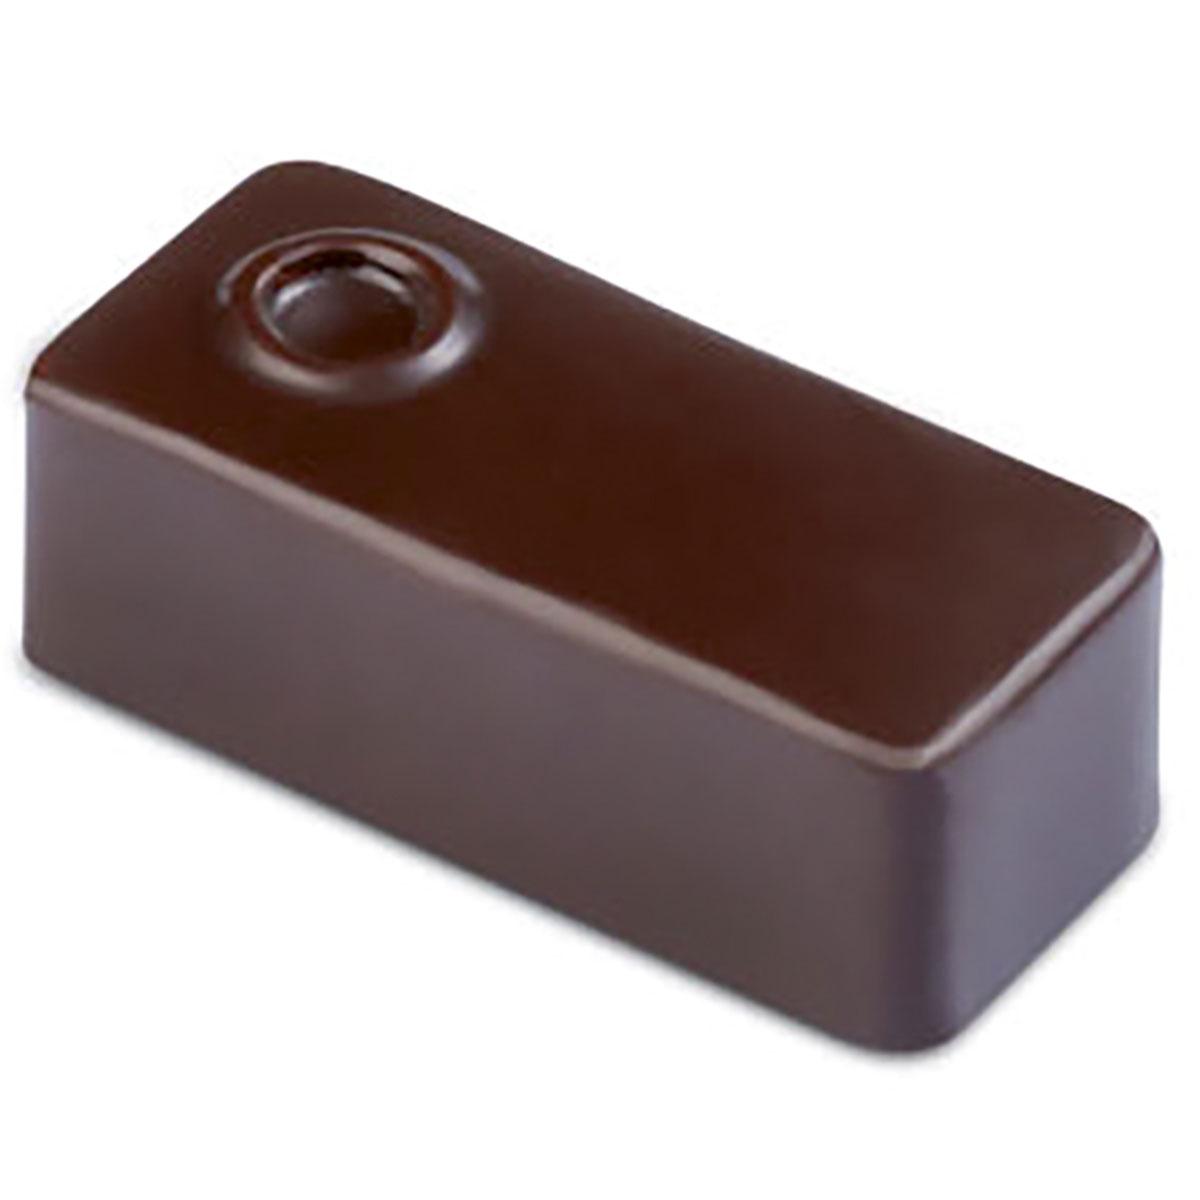 Image of   H. W. Larsen chokoladeform - Pavoni - Model 8PC108